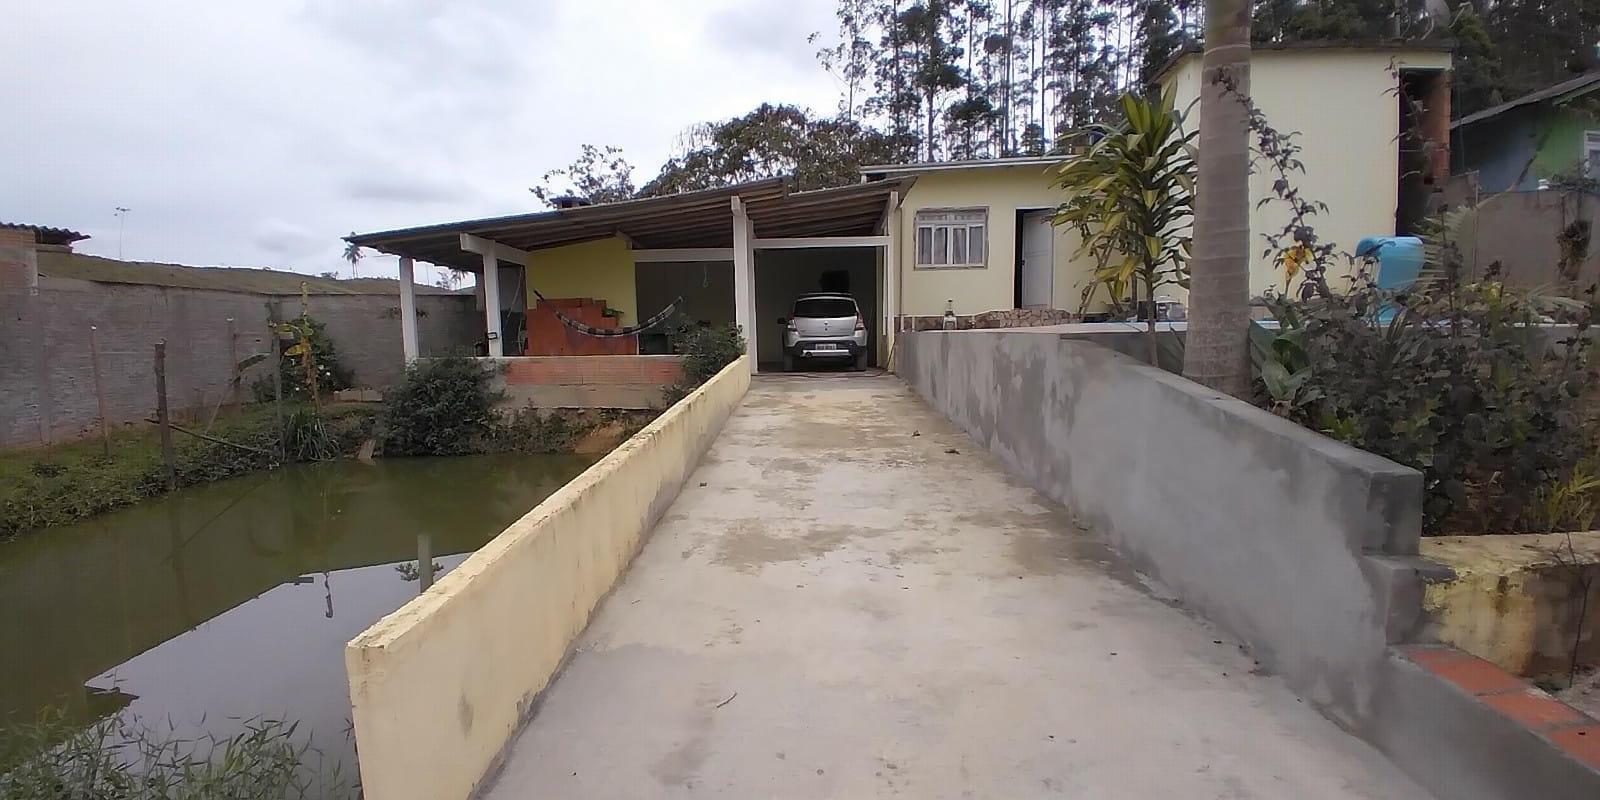 Linda Casa de Campo - Foto 5 de 10